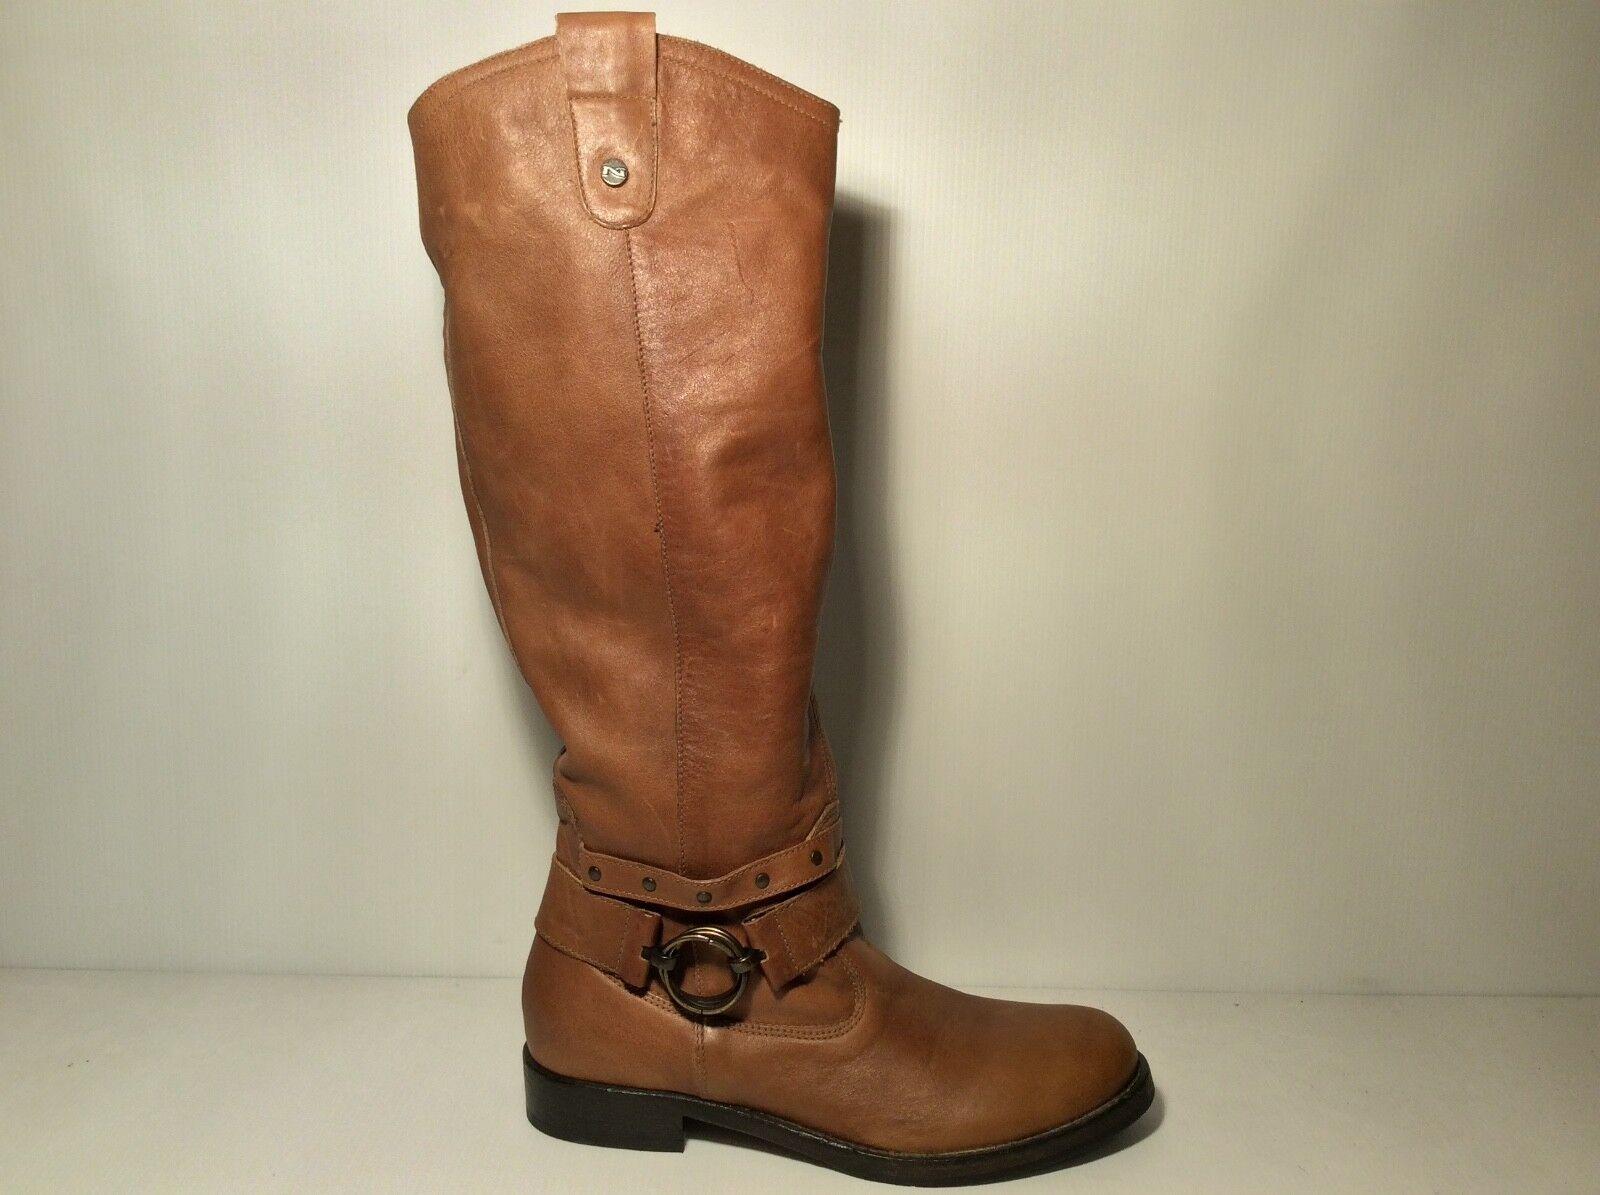 shoes women black GIARDINI STIVALI A207991D COL brown CUOIO